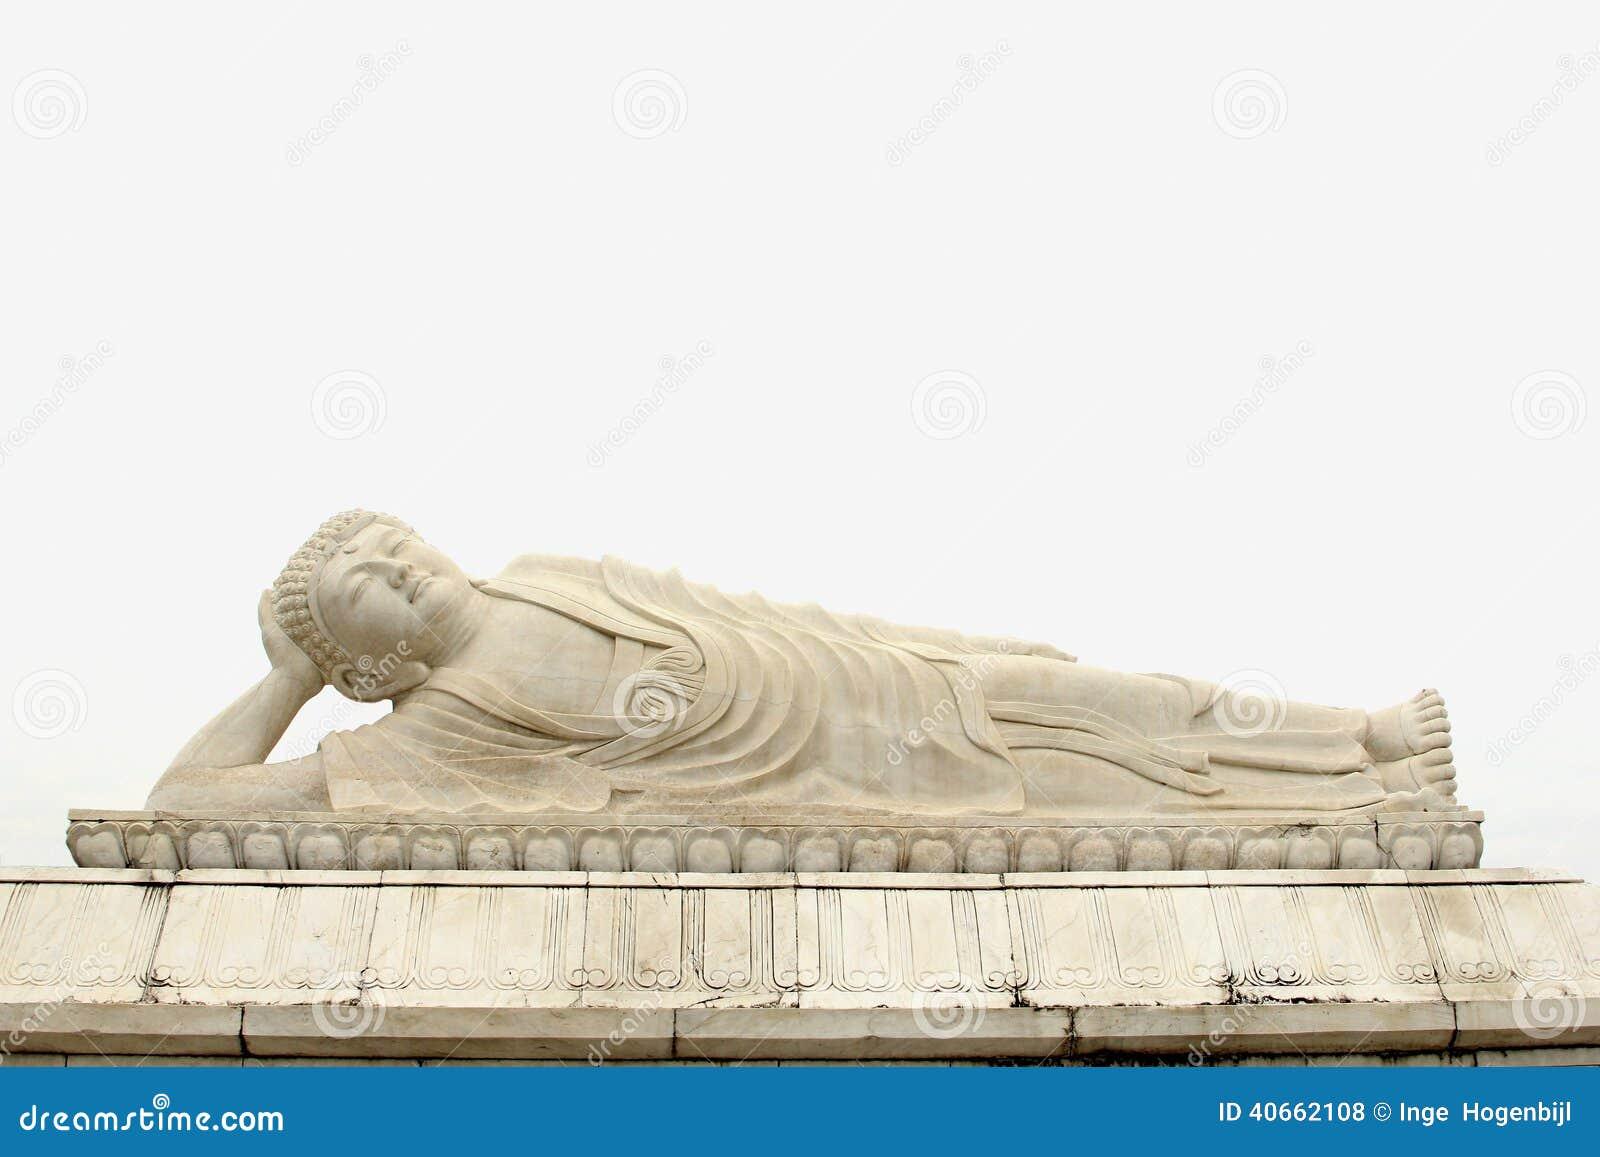 White marble reclining Zen Buddha statue, China